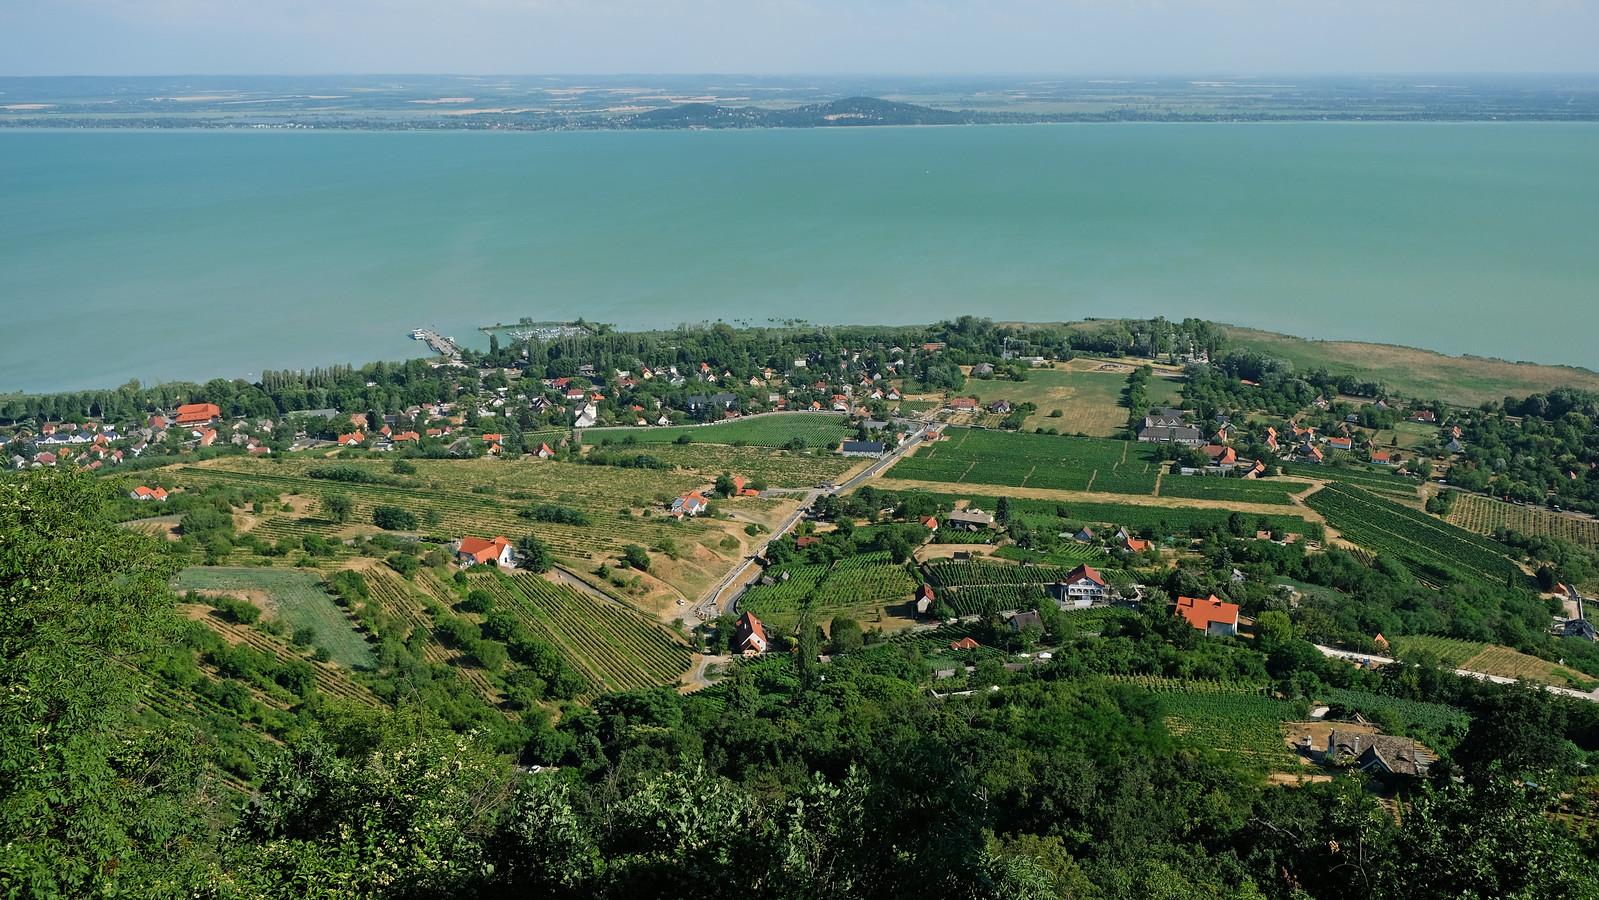 Ranolder-kereszt, Badacsony, Balaton Uplands, Hungary